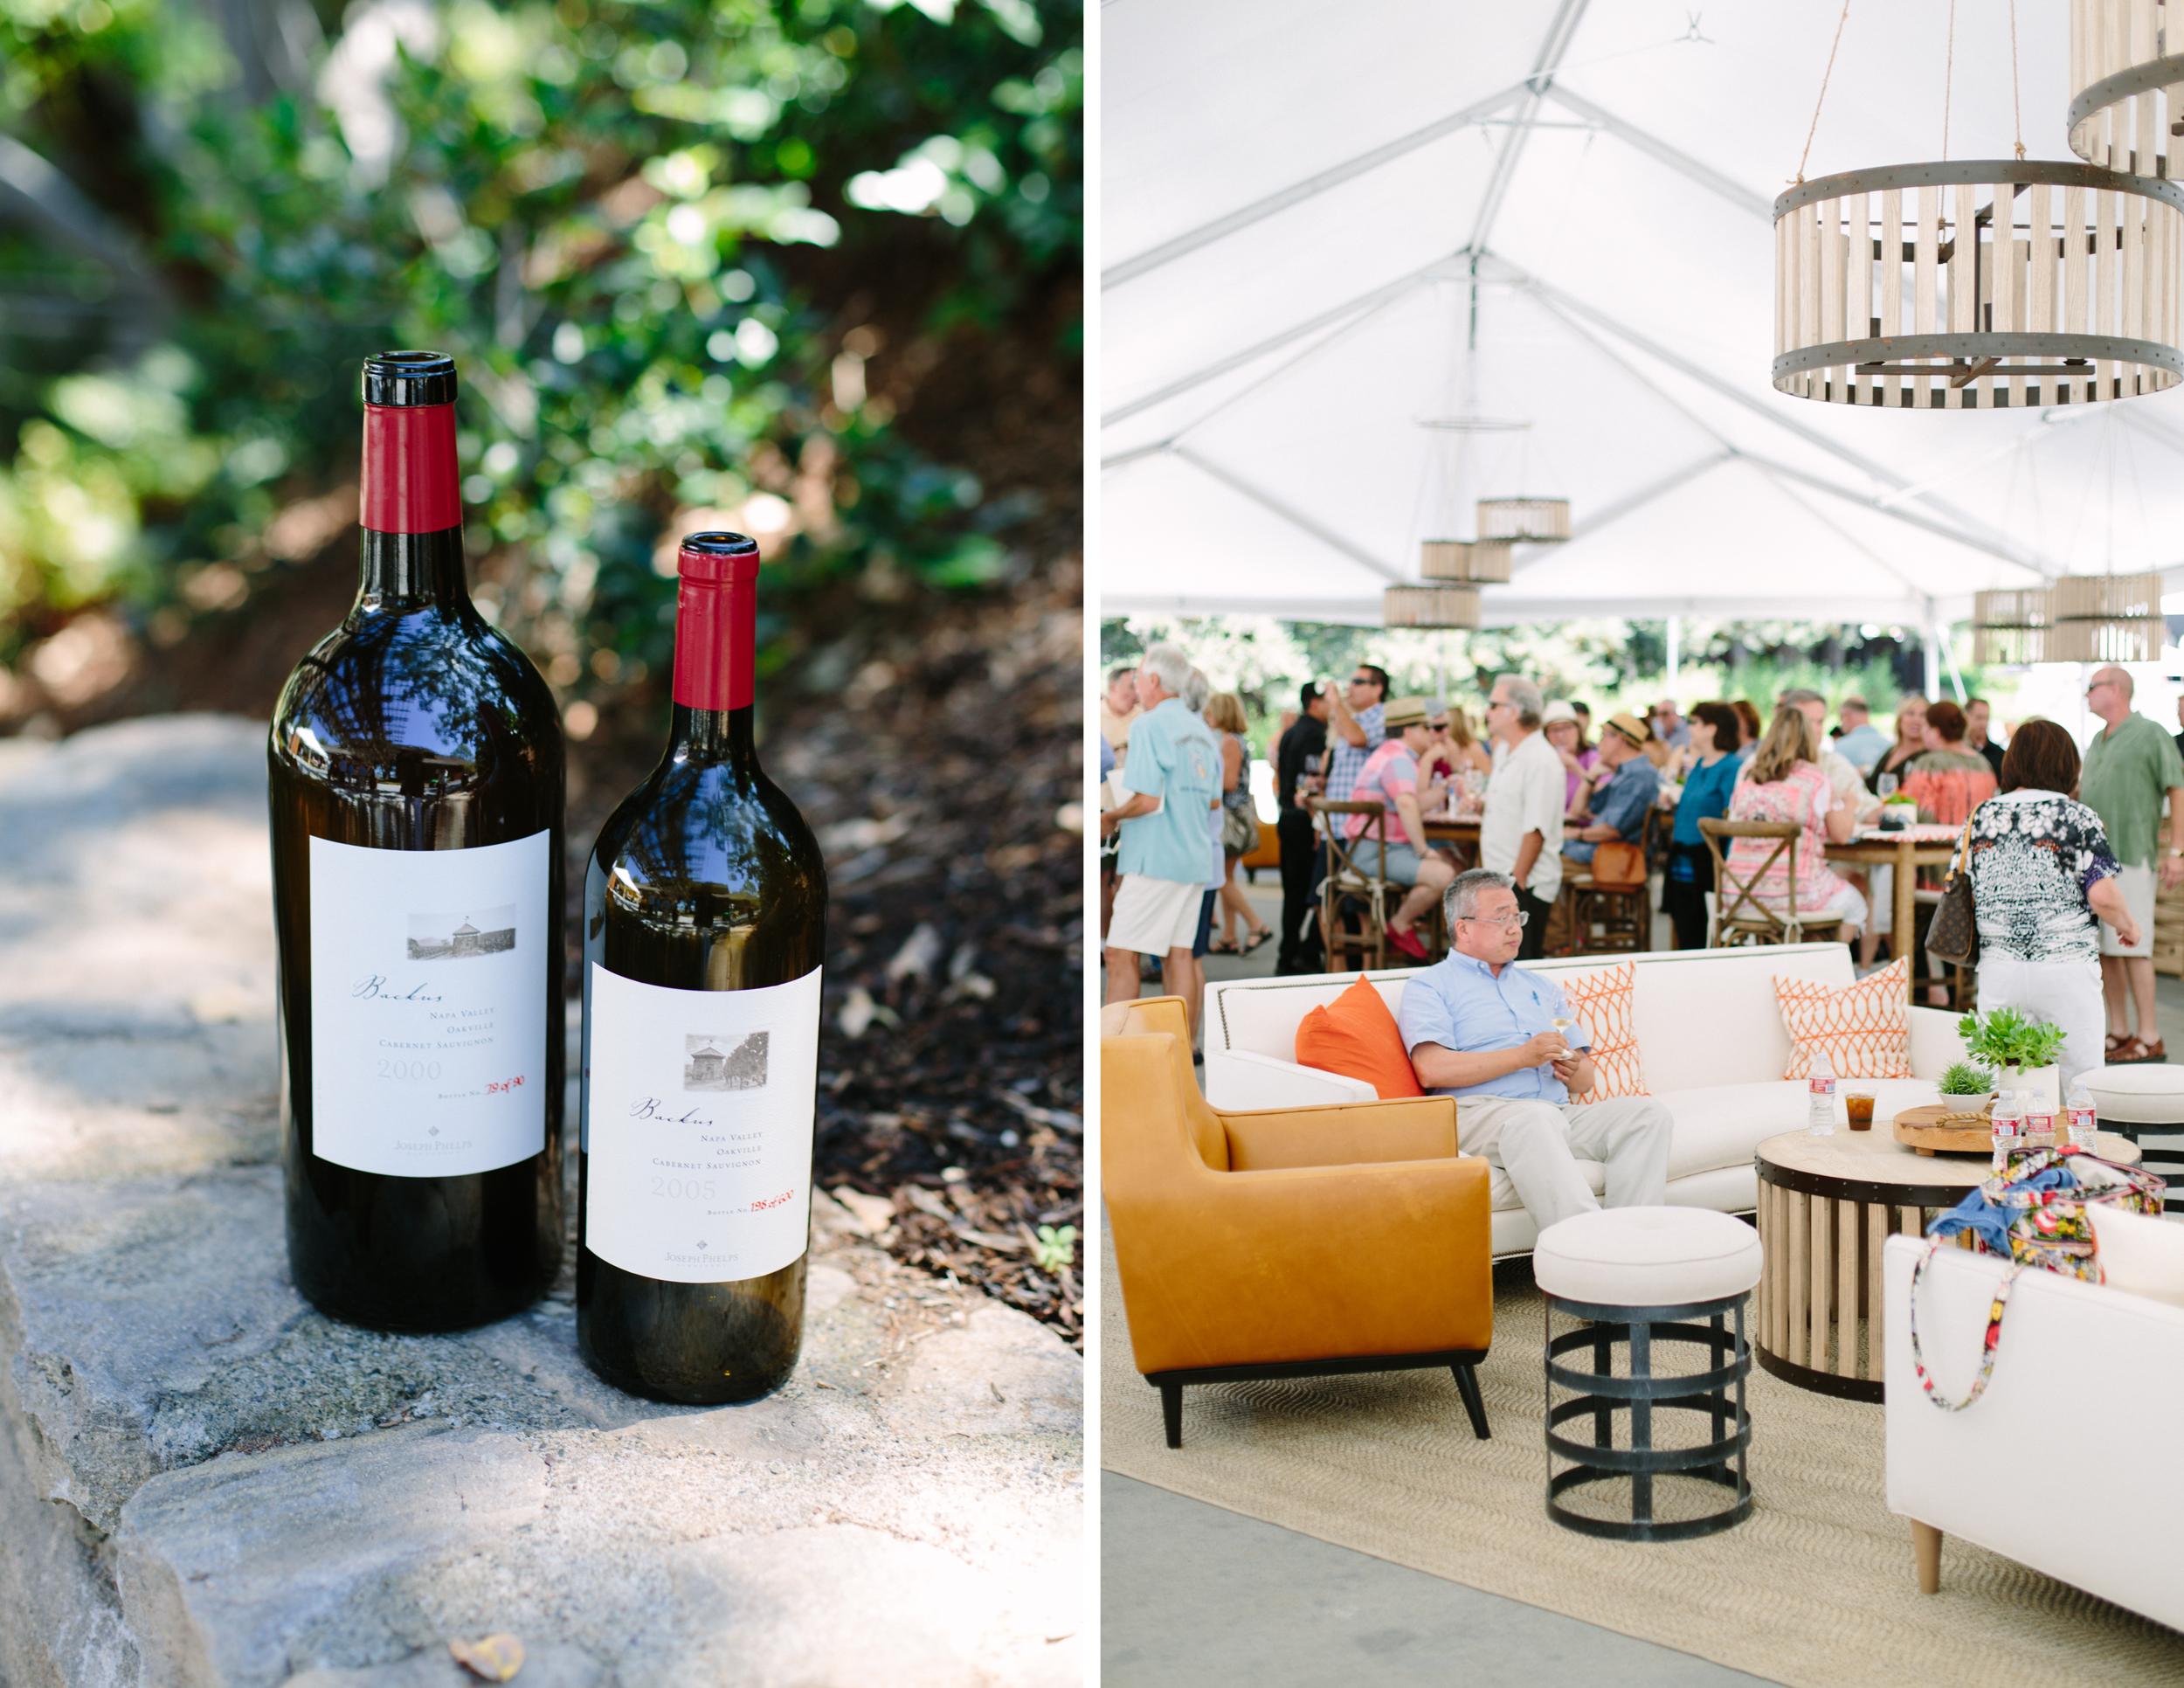 napa valley winery 5.jpg